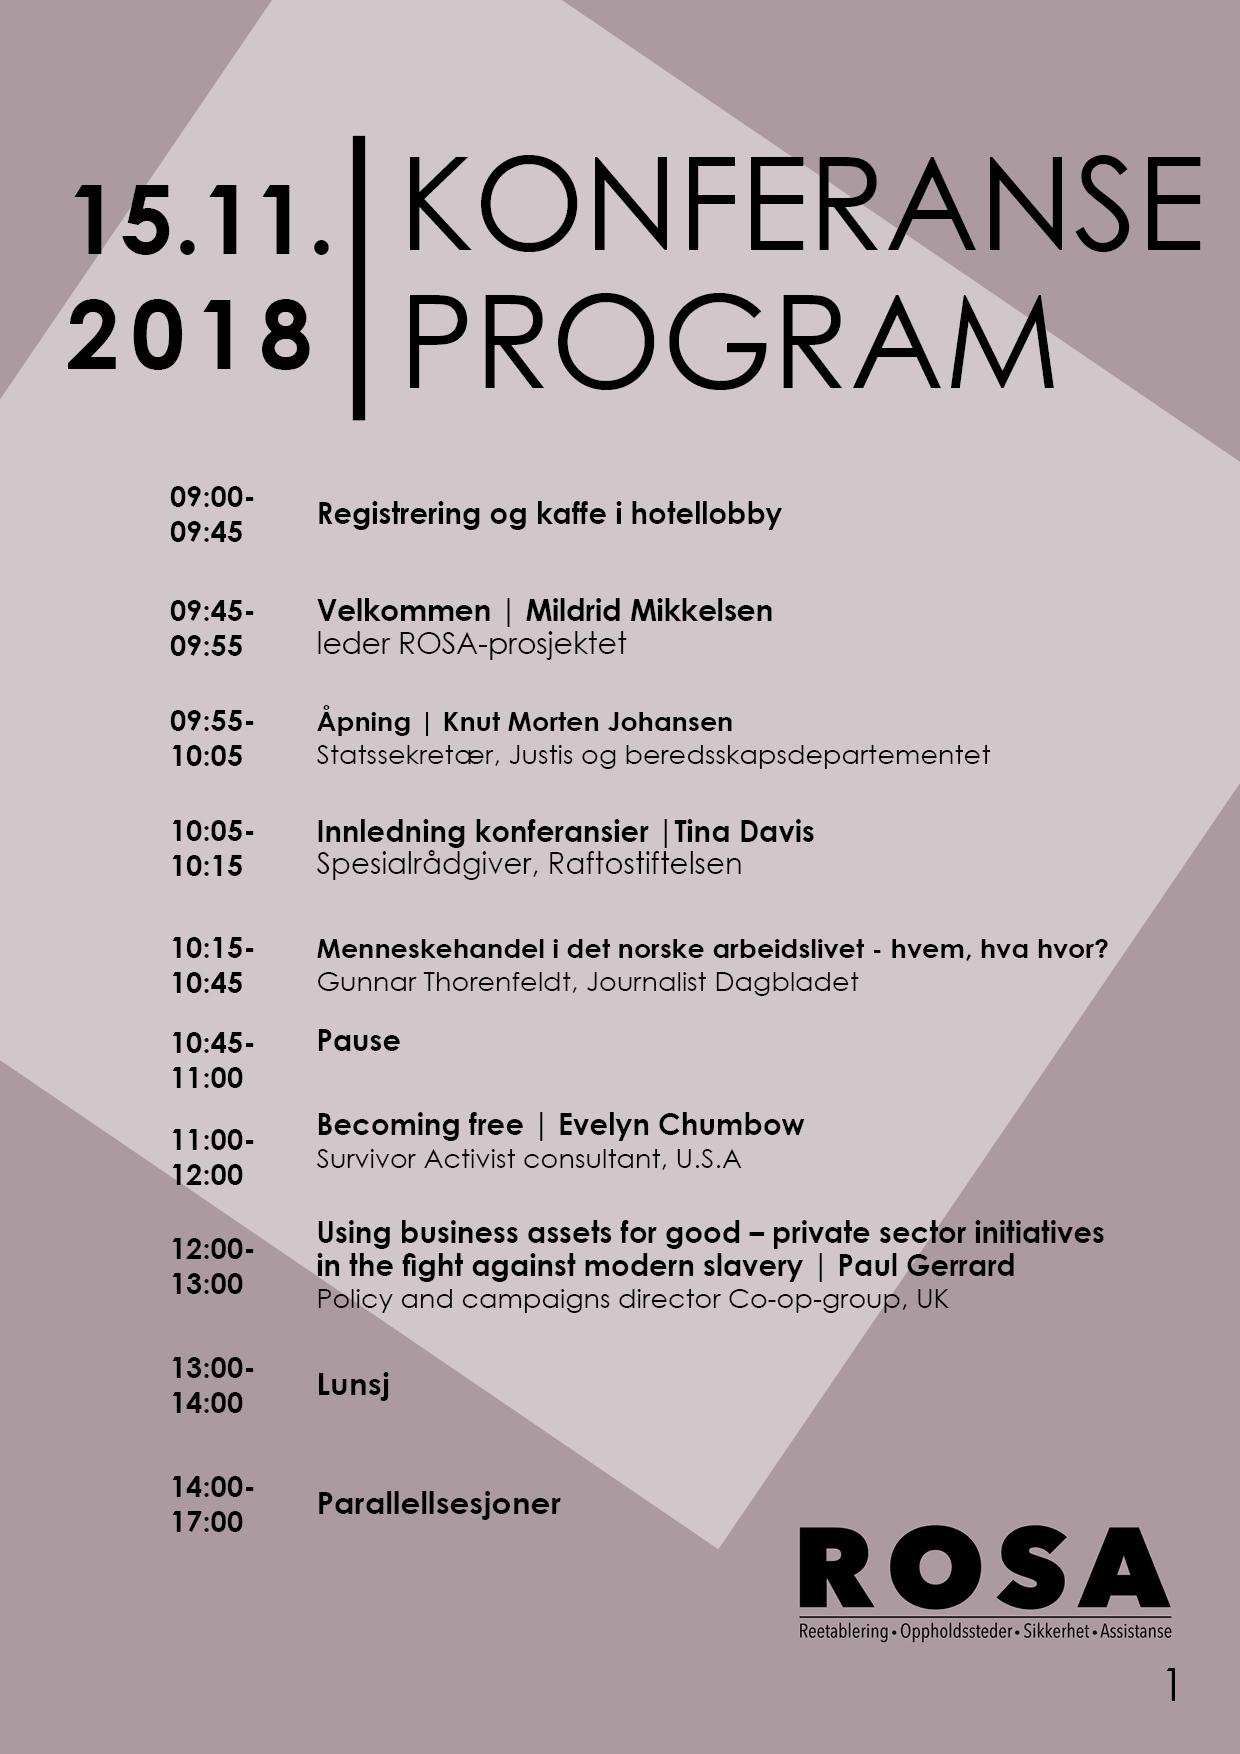 Program menneskehandelkonferansen 2018